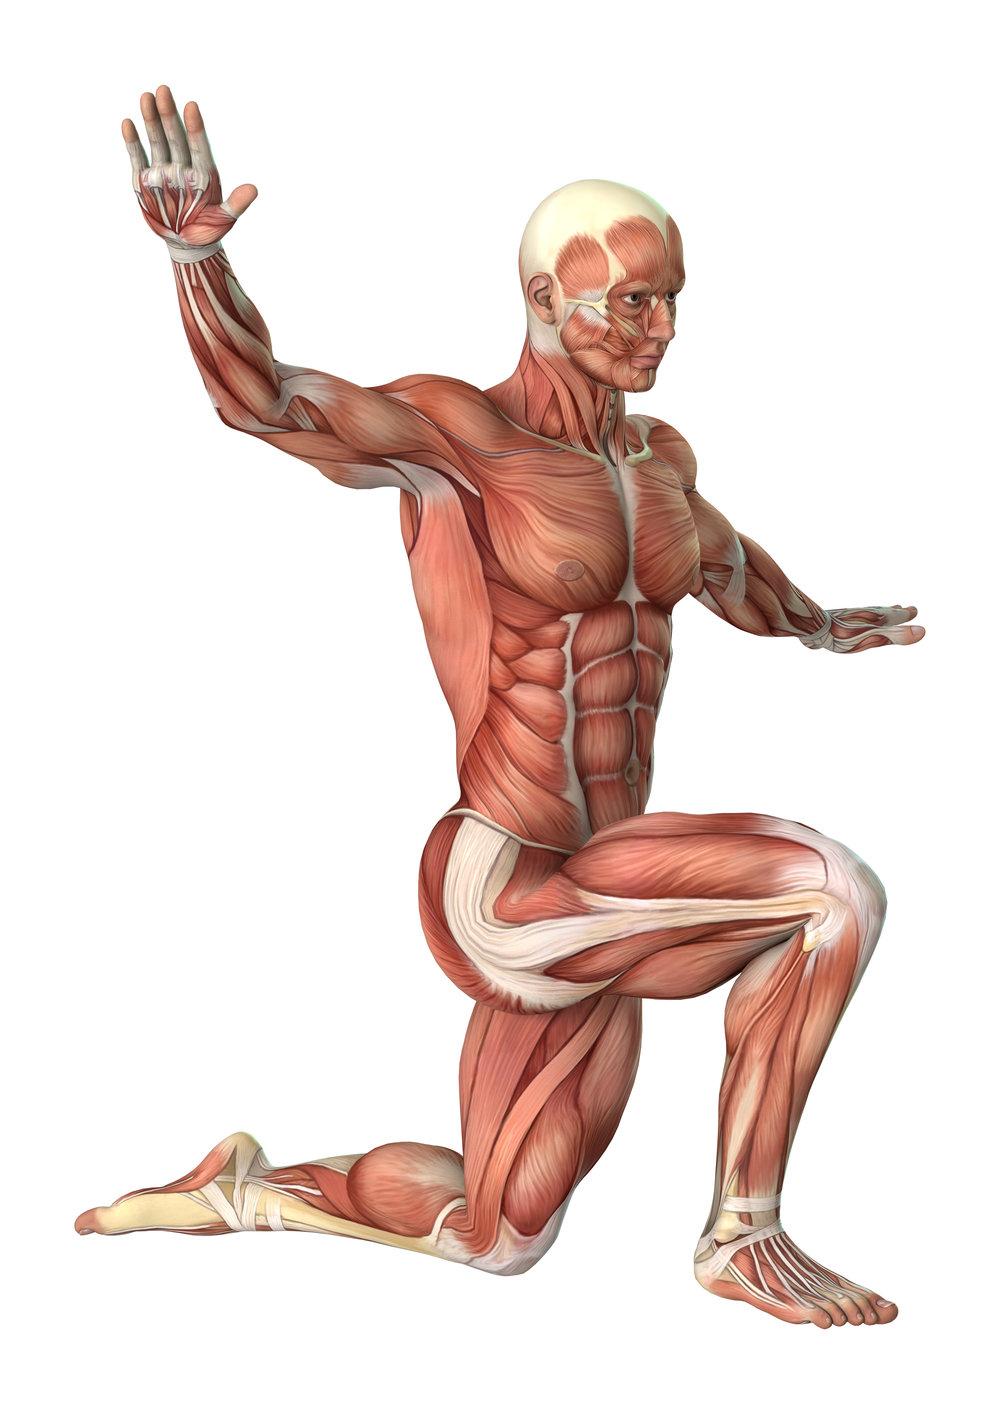 bigstock--D-Rendering-Male-Anatomy-Figu-159521438.jpg